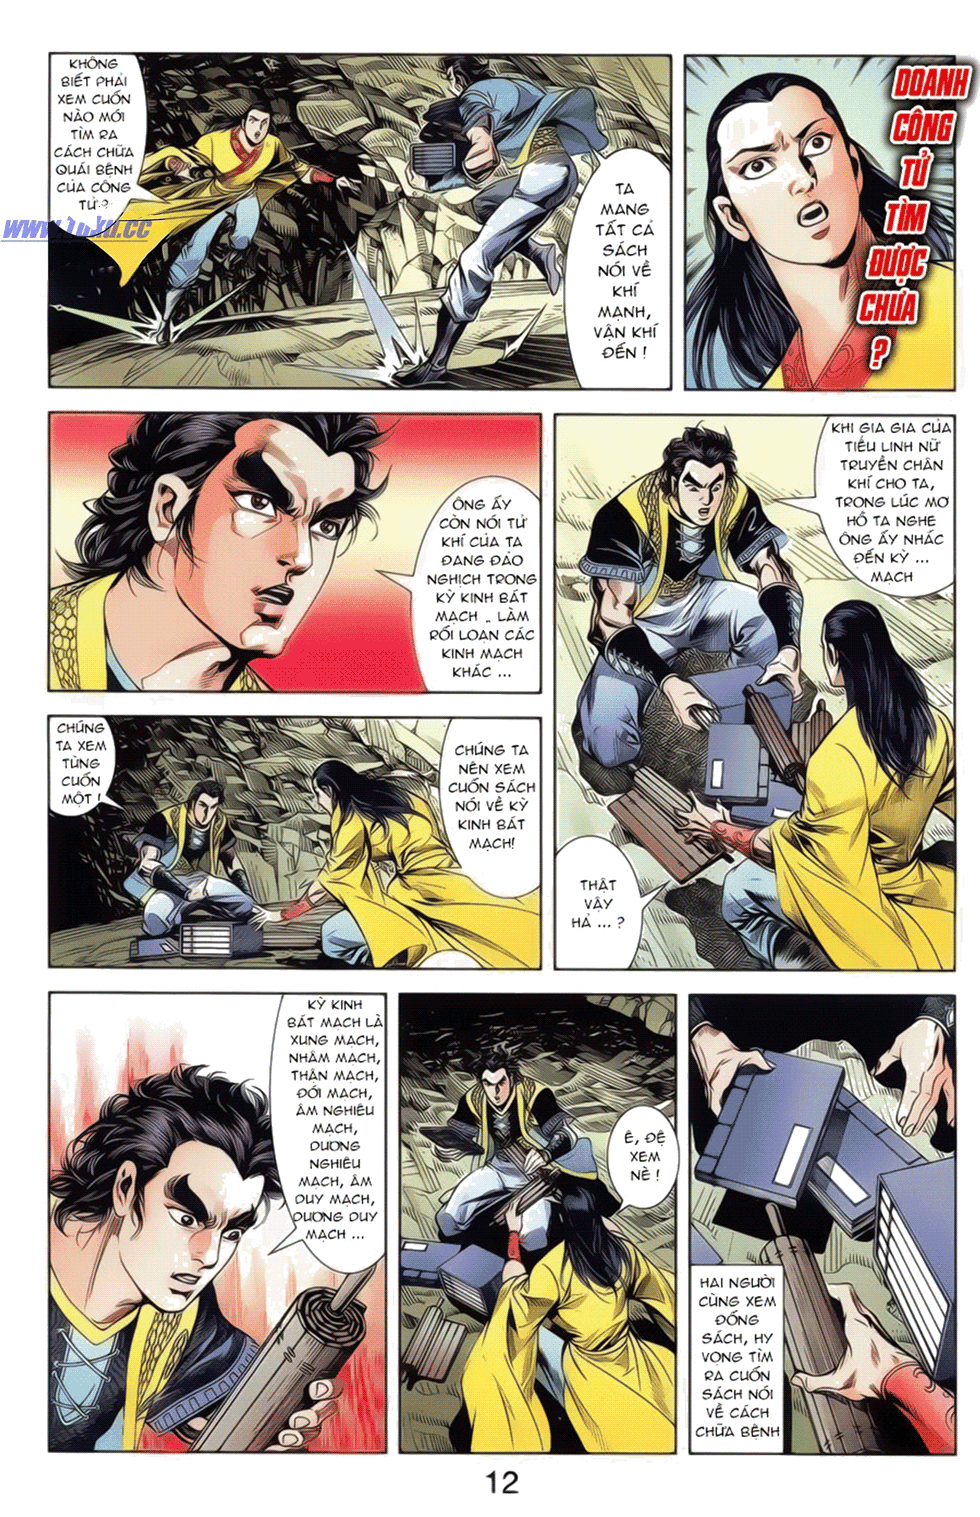 Tần Vương Doanh Chính chapter 19 trang 25